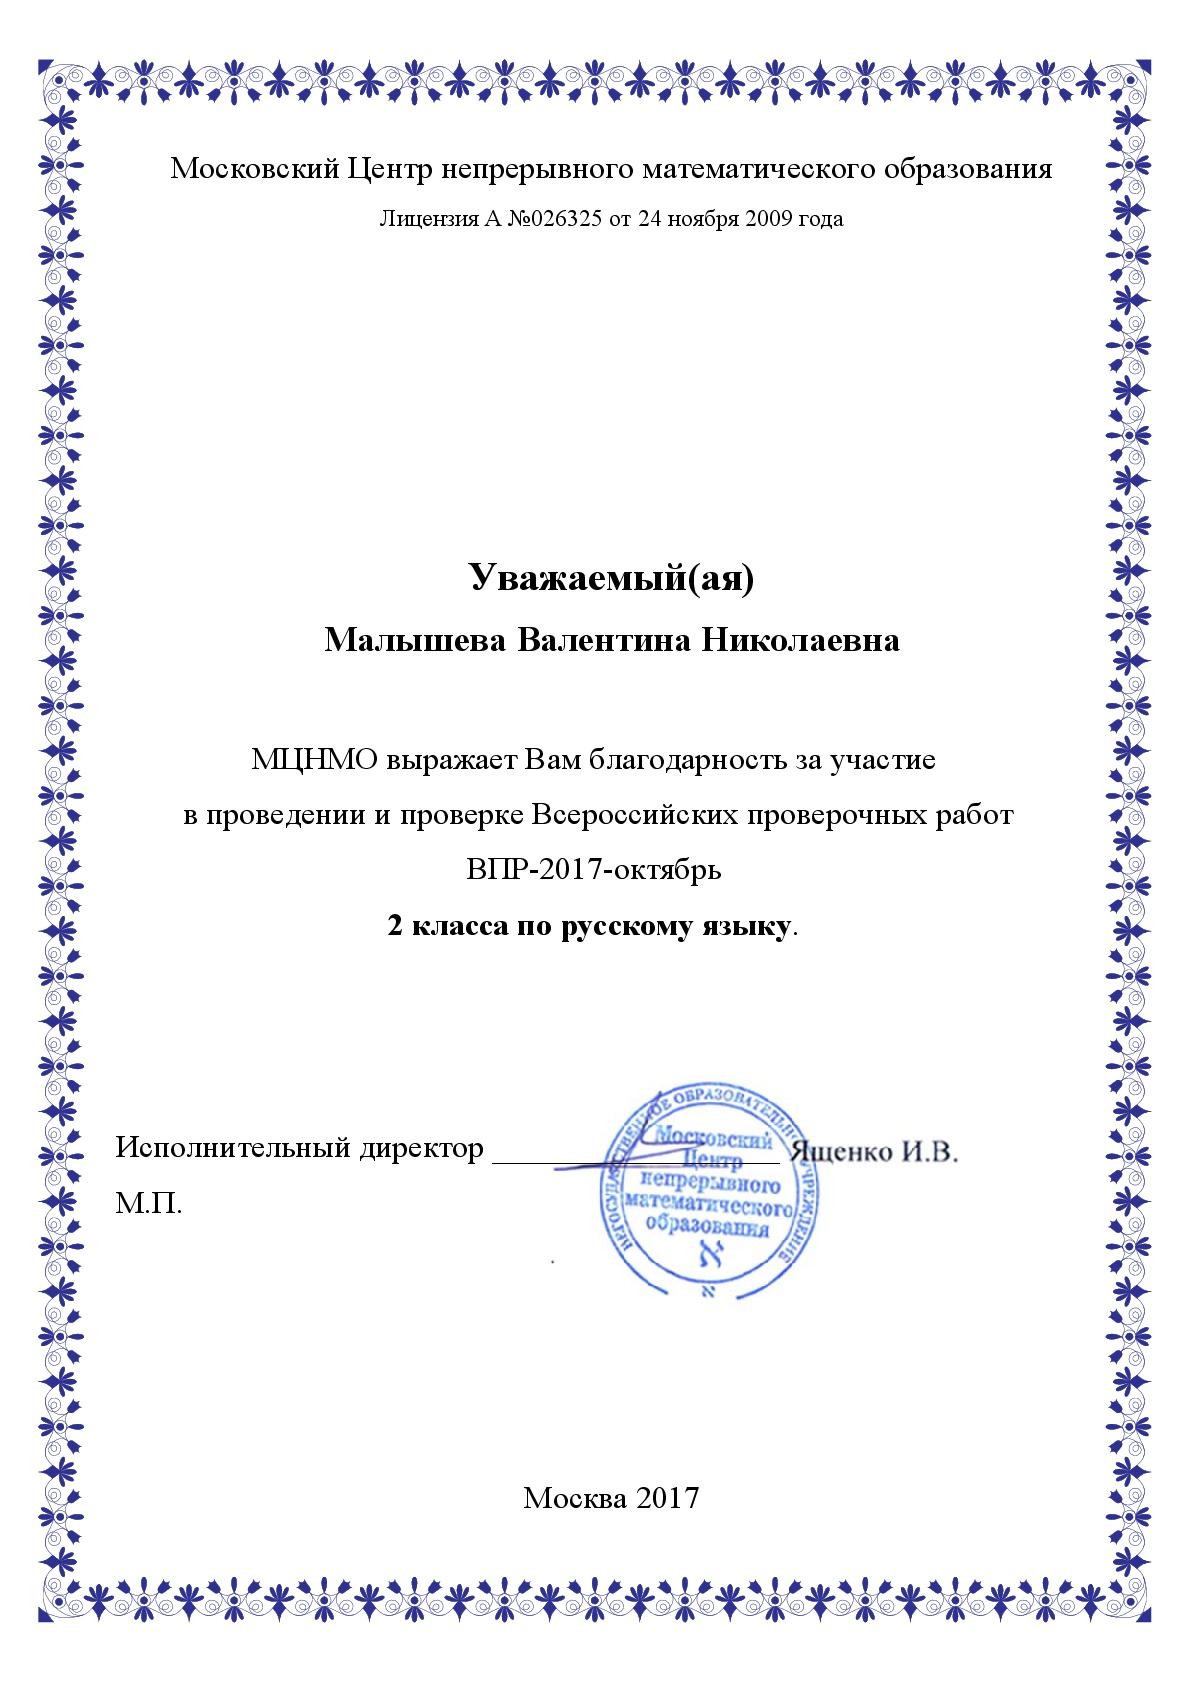 Малышева Валентина Николаевна. Благодарность